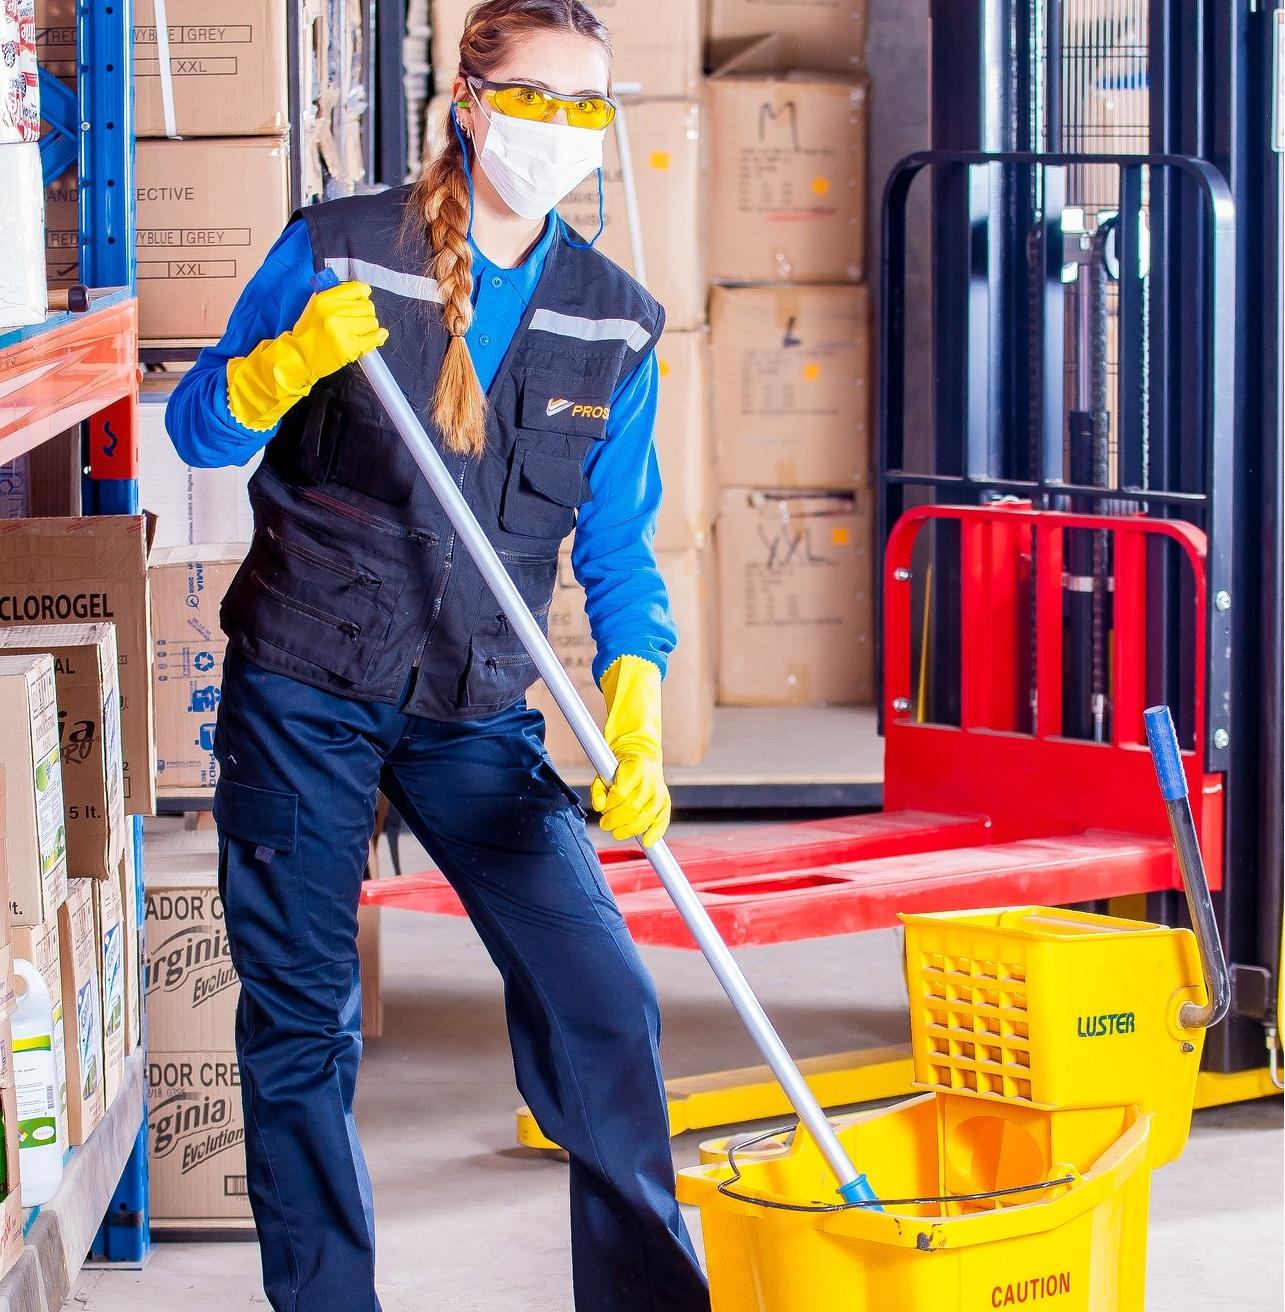 Niektórzy Polacy są przekonani, że pracujących w Polsce Ukraińców można spotkać jedynie w fabrykach, a Ukrainki pracują tylko jako służba sprzątająca. (Fot.: mat. pras.)